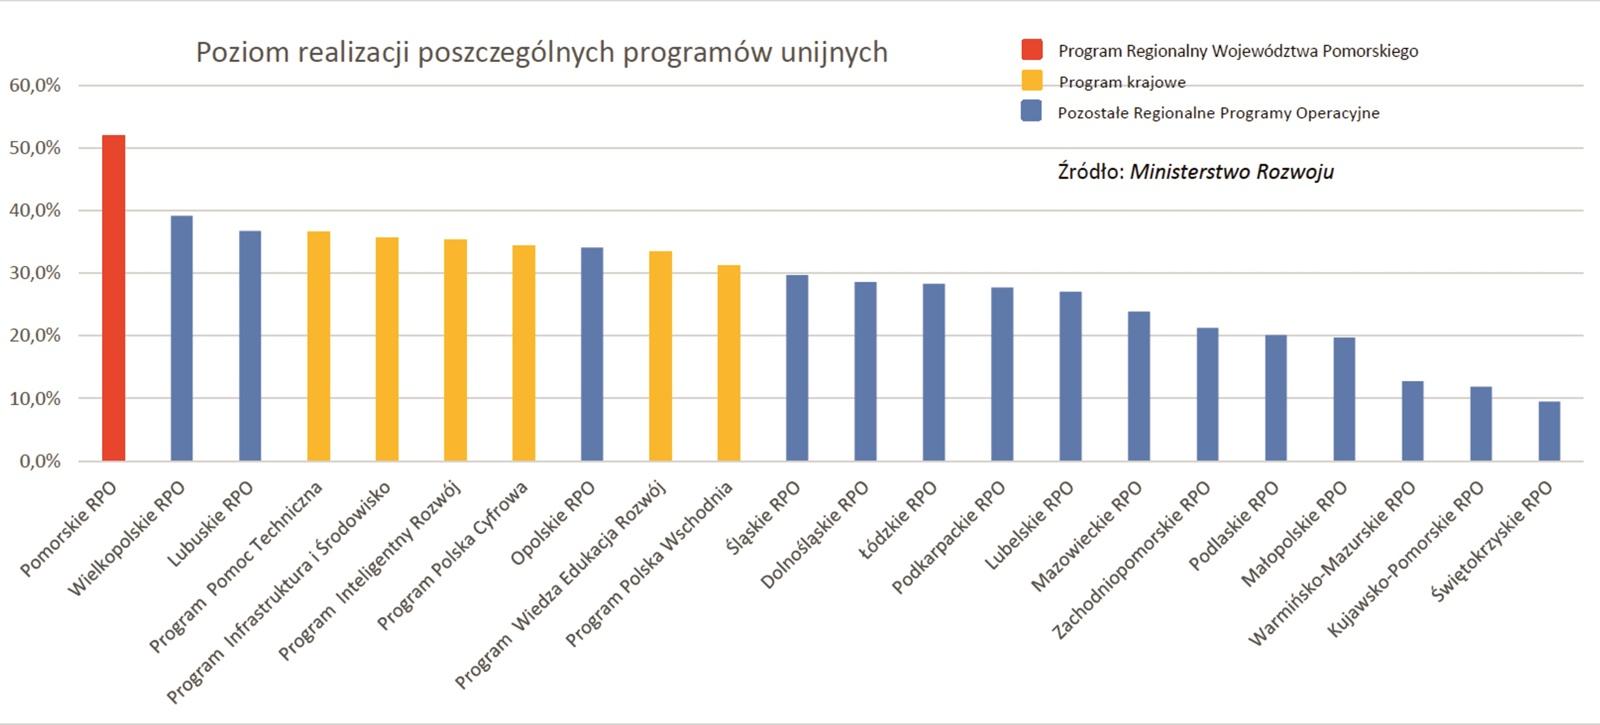 Pomorskie najlepsze w Polsce w wykorzystaniu unijnych środków. Wyprzedziliśmy nawet programy rządowe